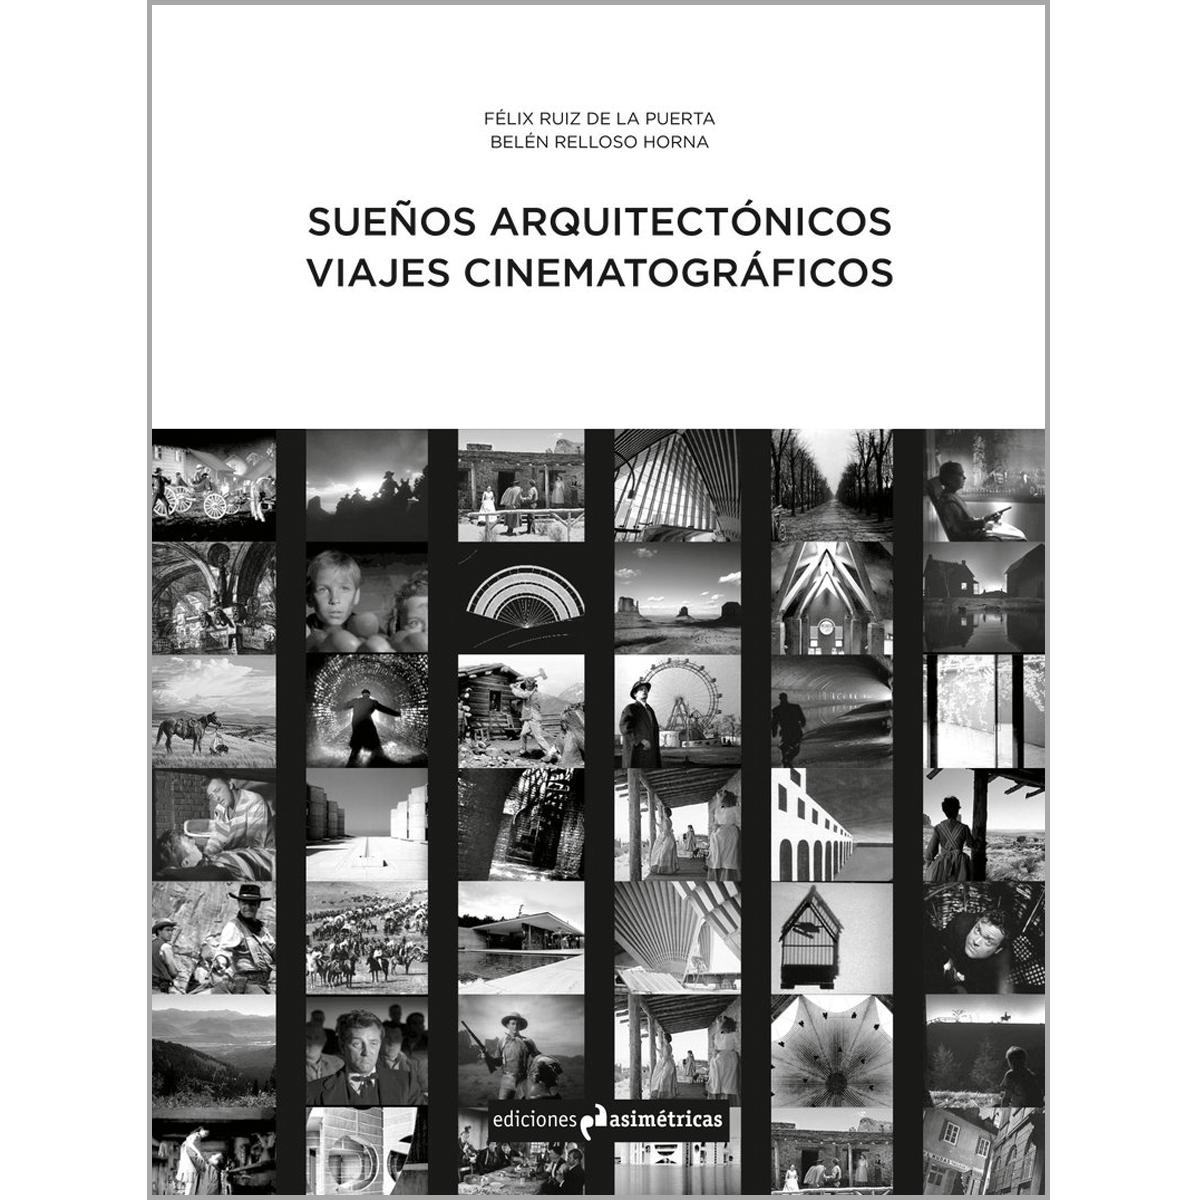 Sueños arquitectónicos, viajes cinematográficos